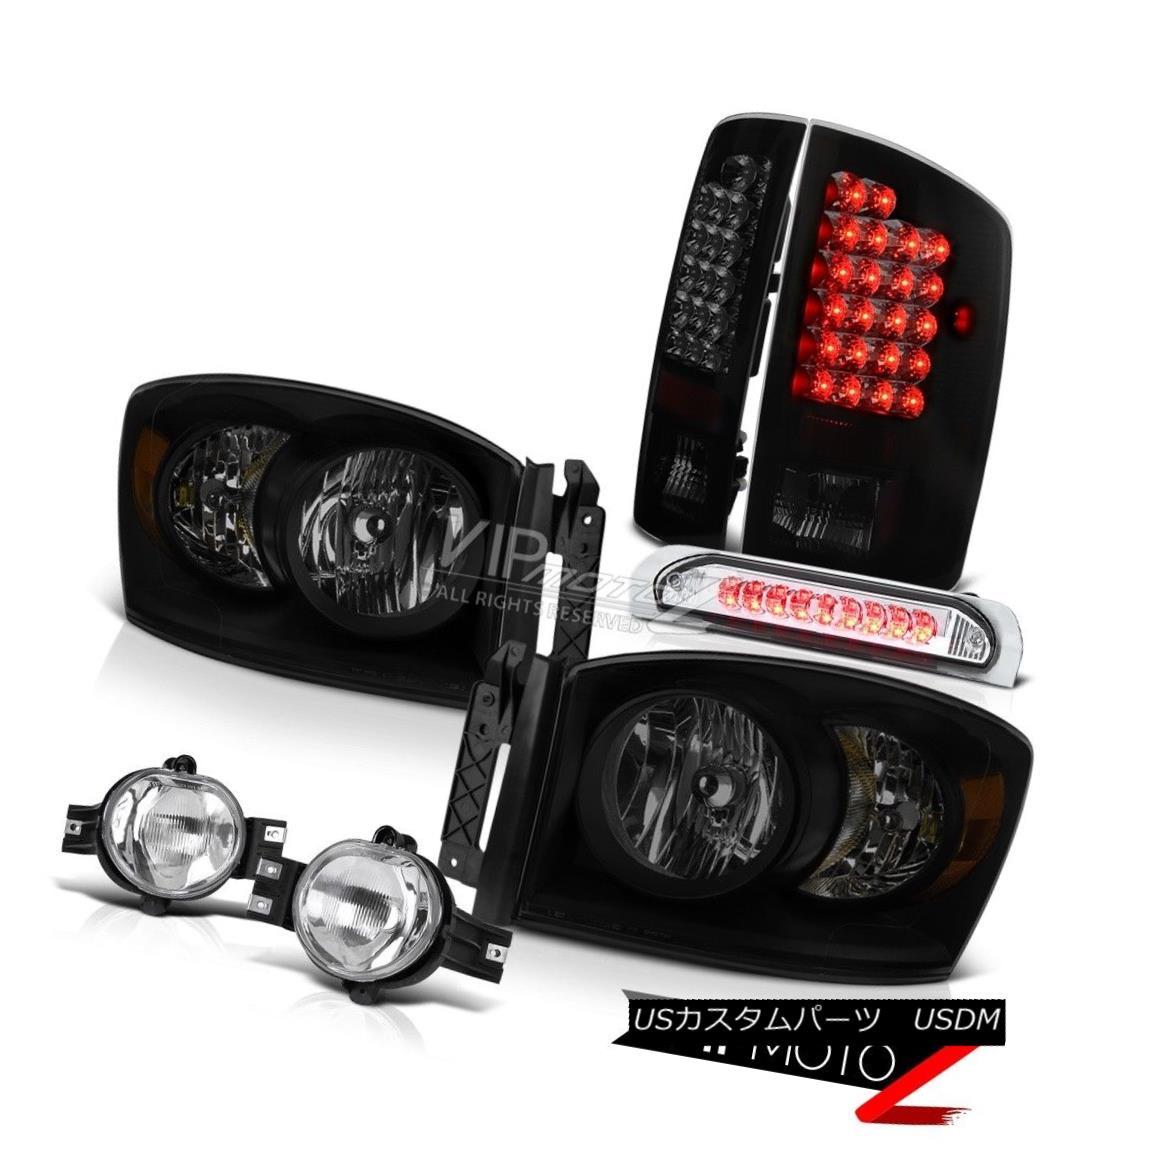 ヘッドライト 07-09 Dodge Ram 2500 3500 5.9L Headlights Fog Lamps Third Brake Lamp Tail Lights 07-09 Dodge Ram 2500 3500 5.9Lヘッドライトフォグランプ第3ブレーキランプテールライト